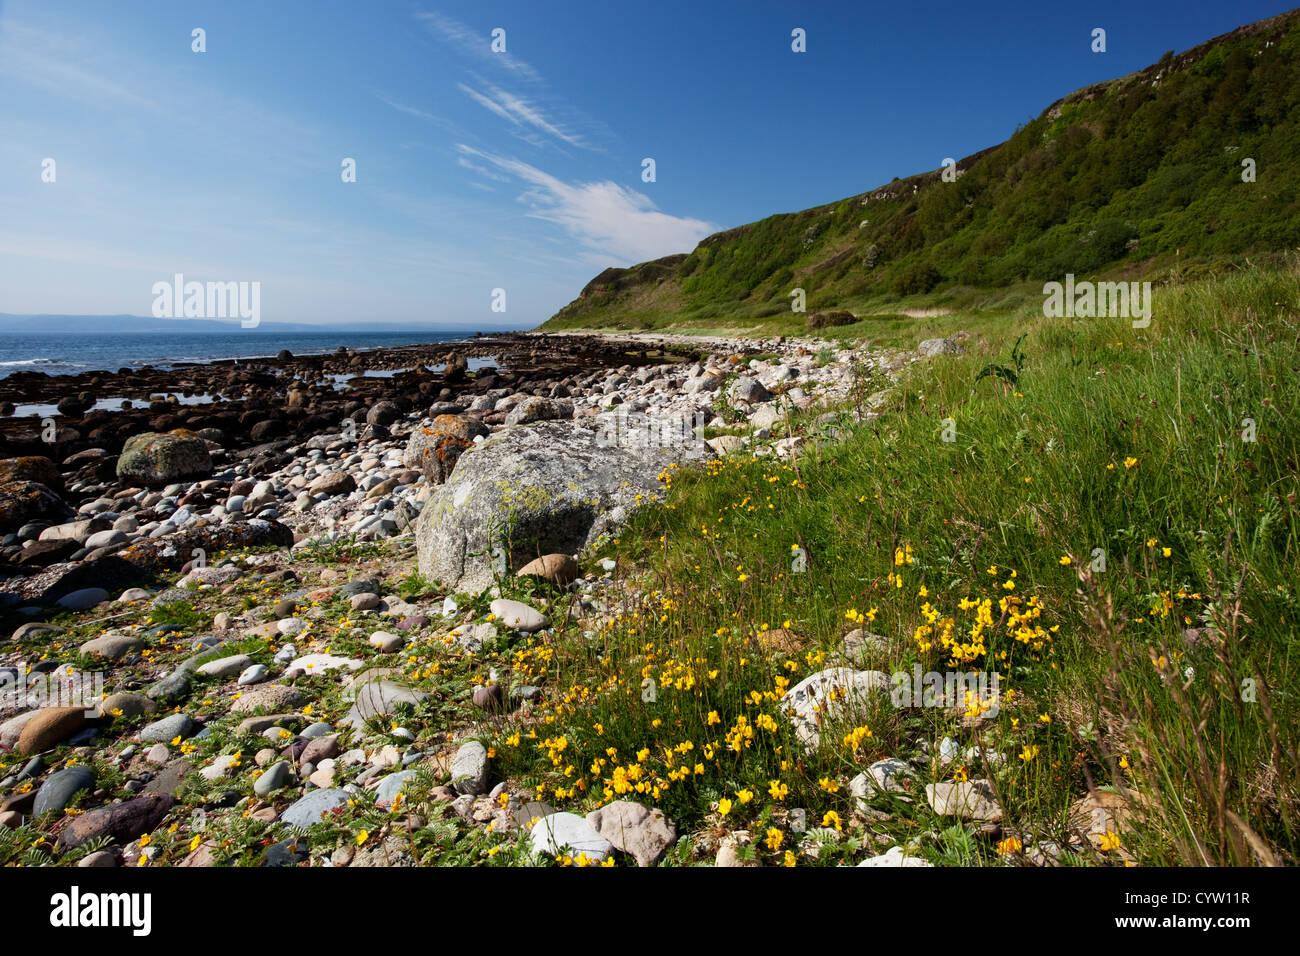 Afficher le long de la côte au Drumadoon près de Blackwaterfoot sur l'île d'Arran, Ecosse, Royaume-Uni Banque D'Images